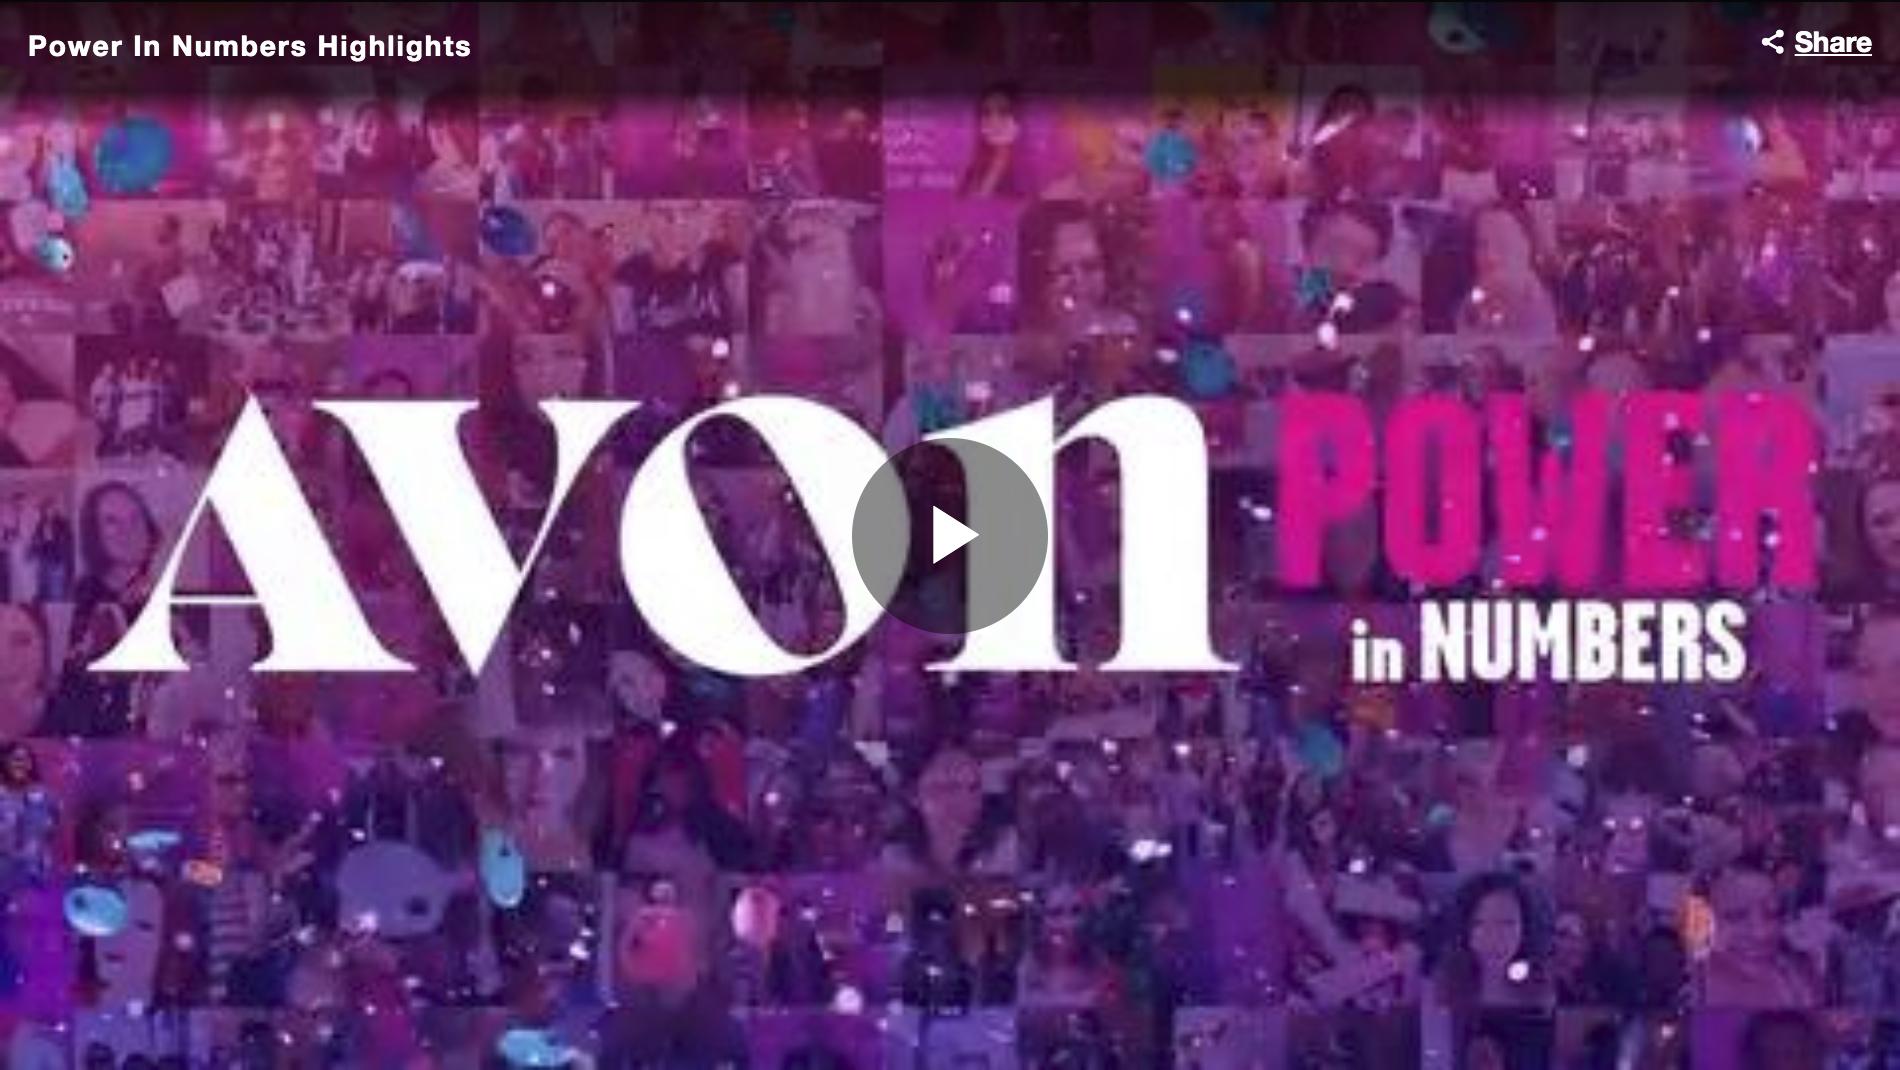 Avon RepFest 2019